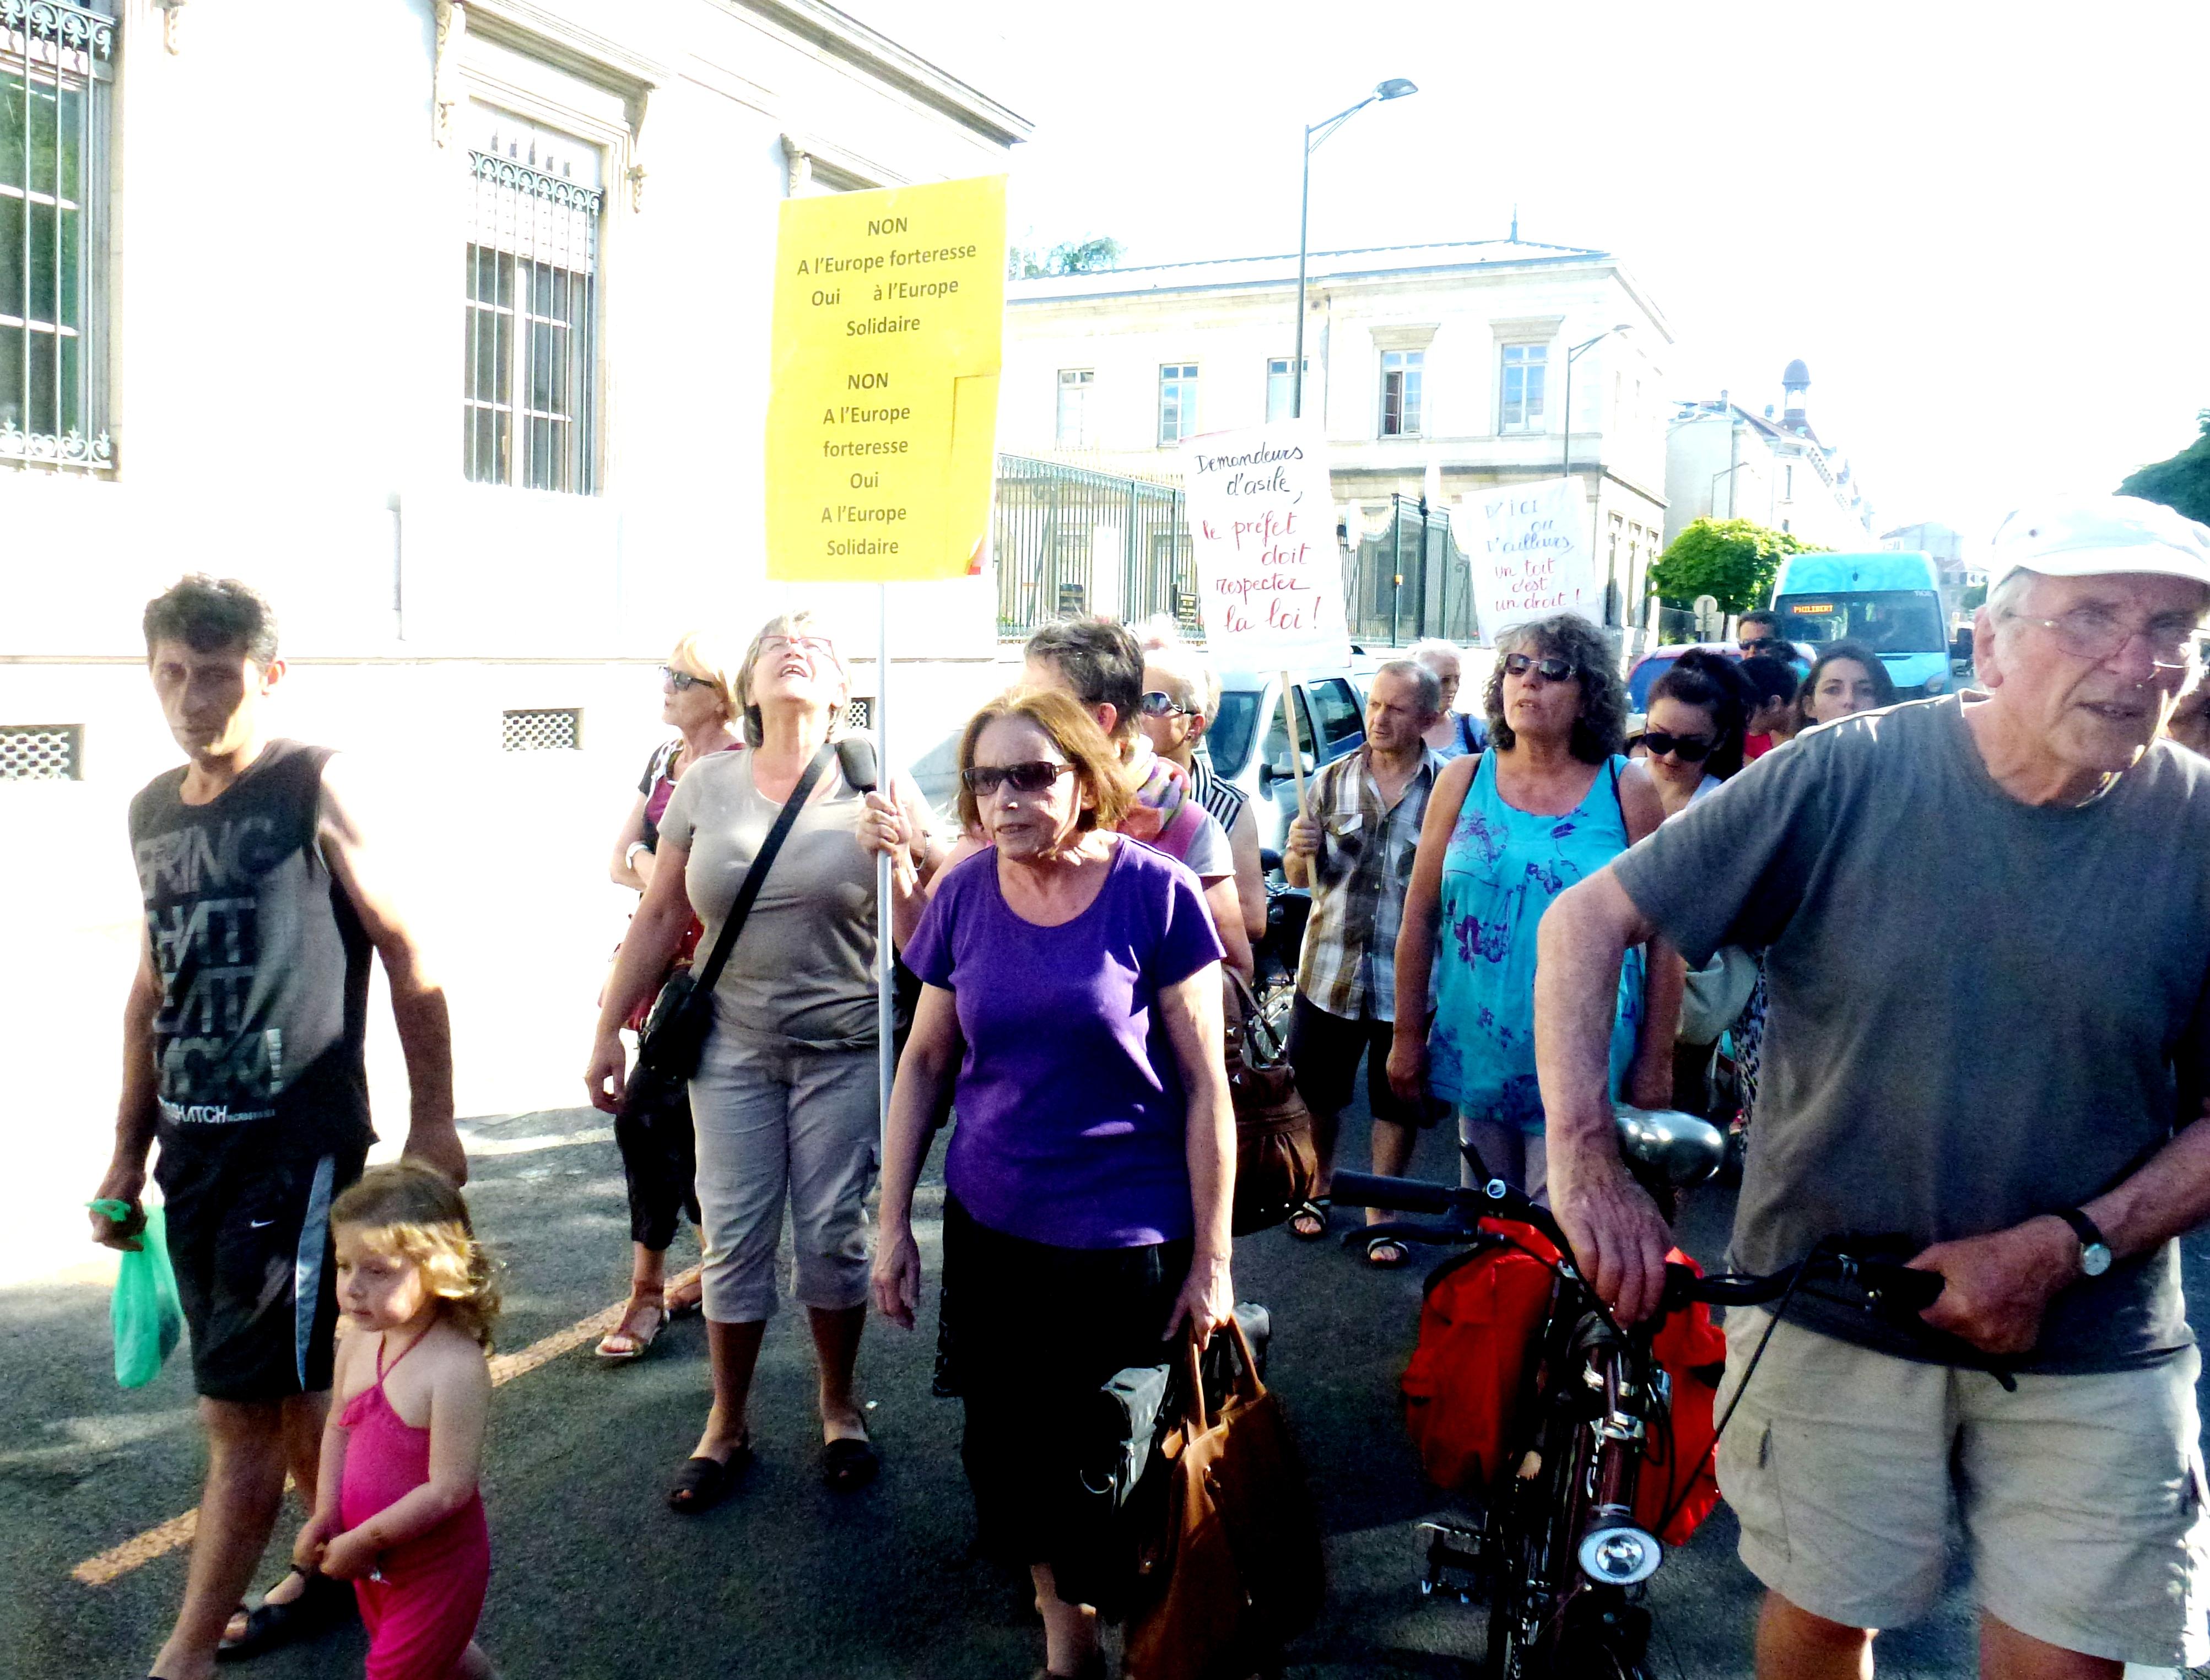 Bourg en bresse 01 demandeurs d asile un an de - Carrefour drive bourg en bresse ...